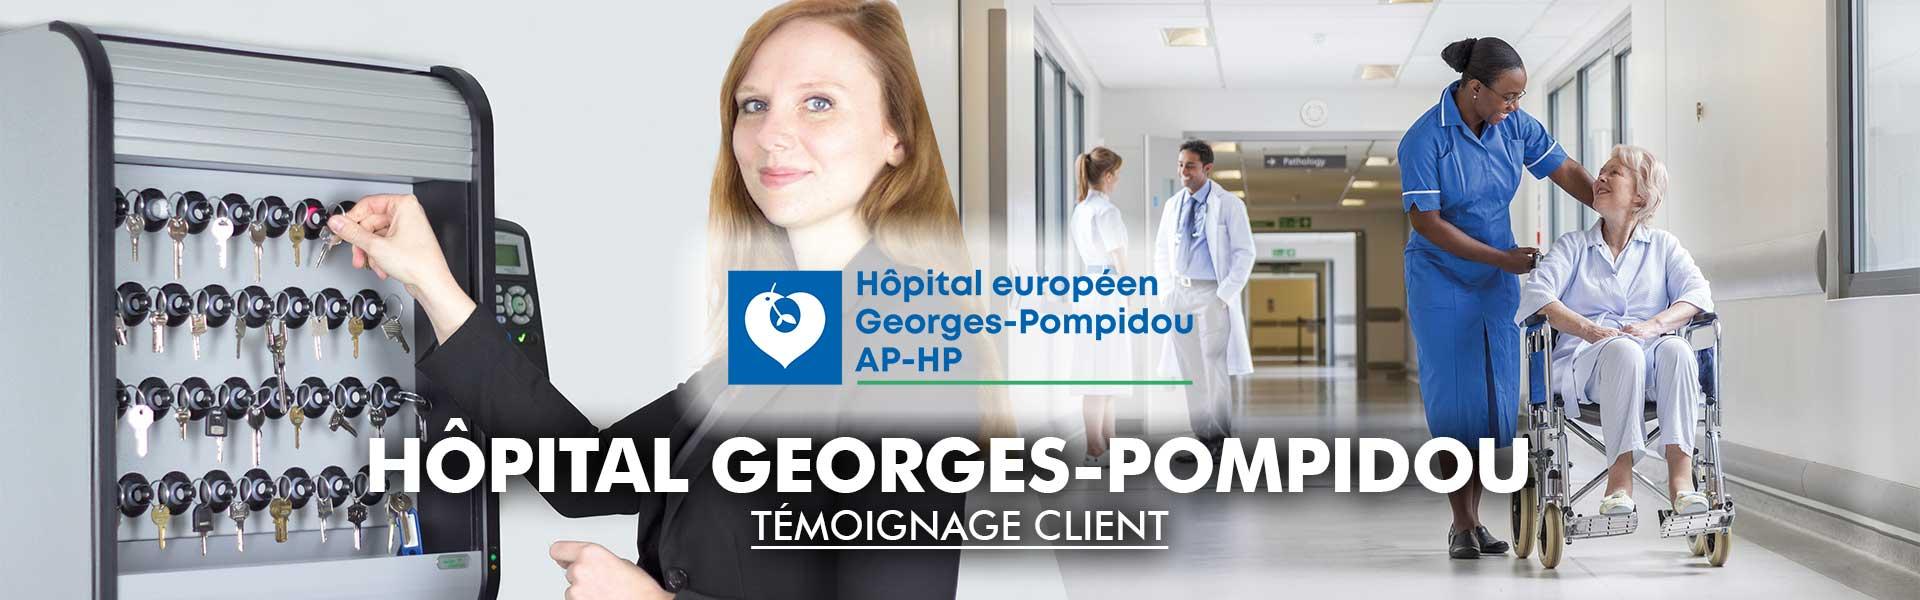 Témoignage Client hopital georges pompidou